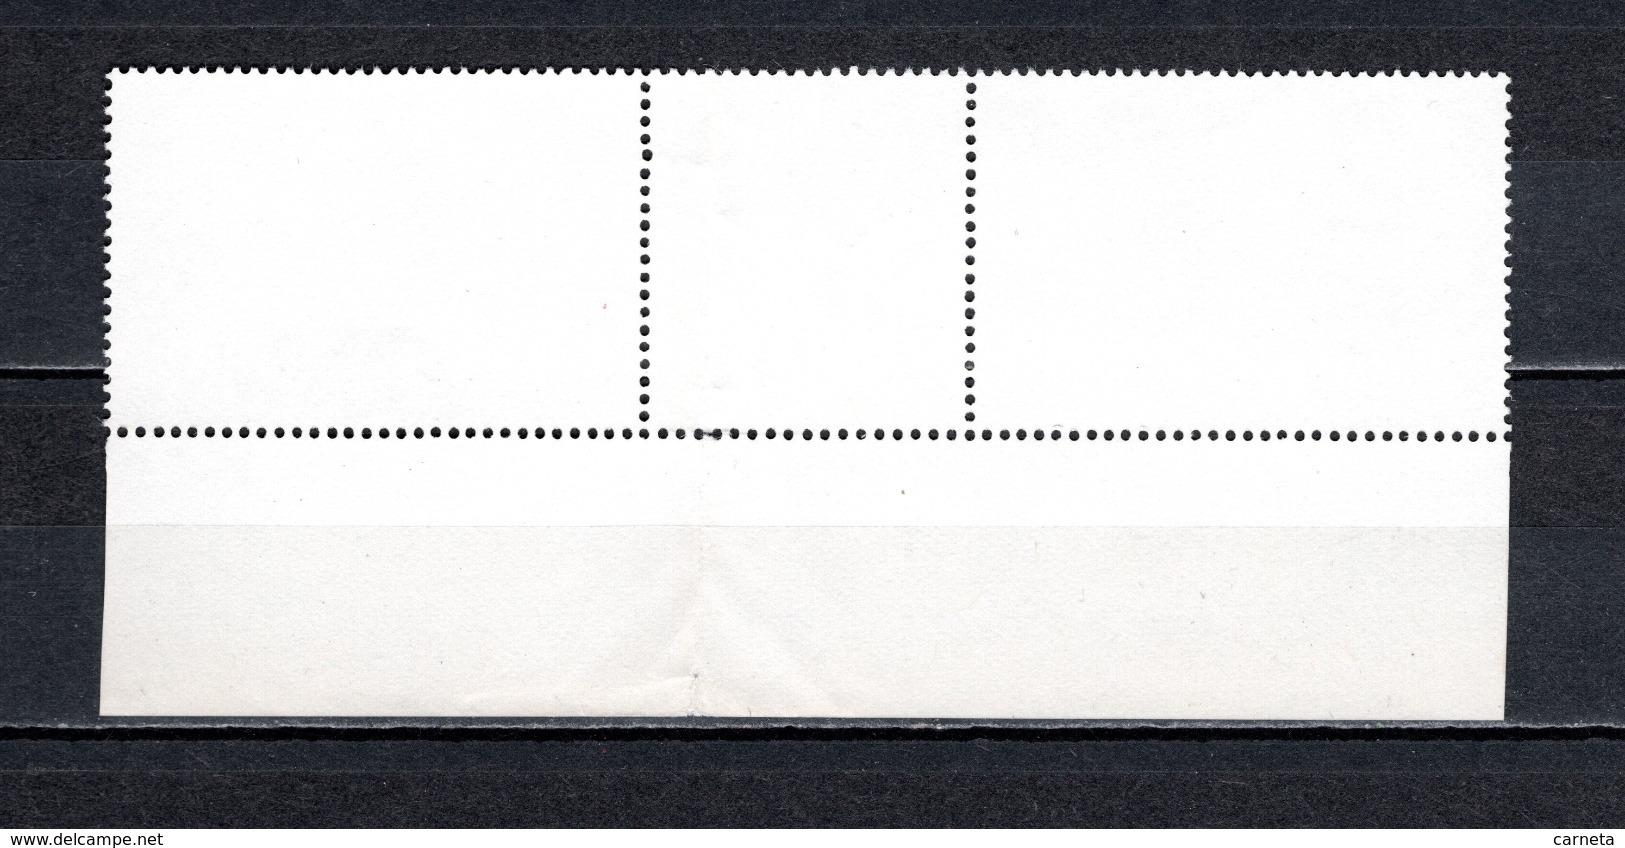 TOGO N° 1159 + 1161 SE TENANT  NEUFS SANS CHARNIERE COTE  ? €  TRAIN  RARE  VOIR DESCRIPTION - Togo (1960-...)